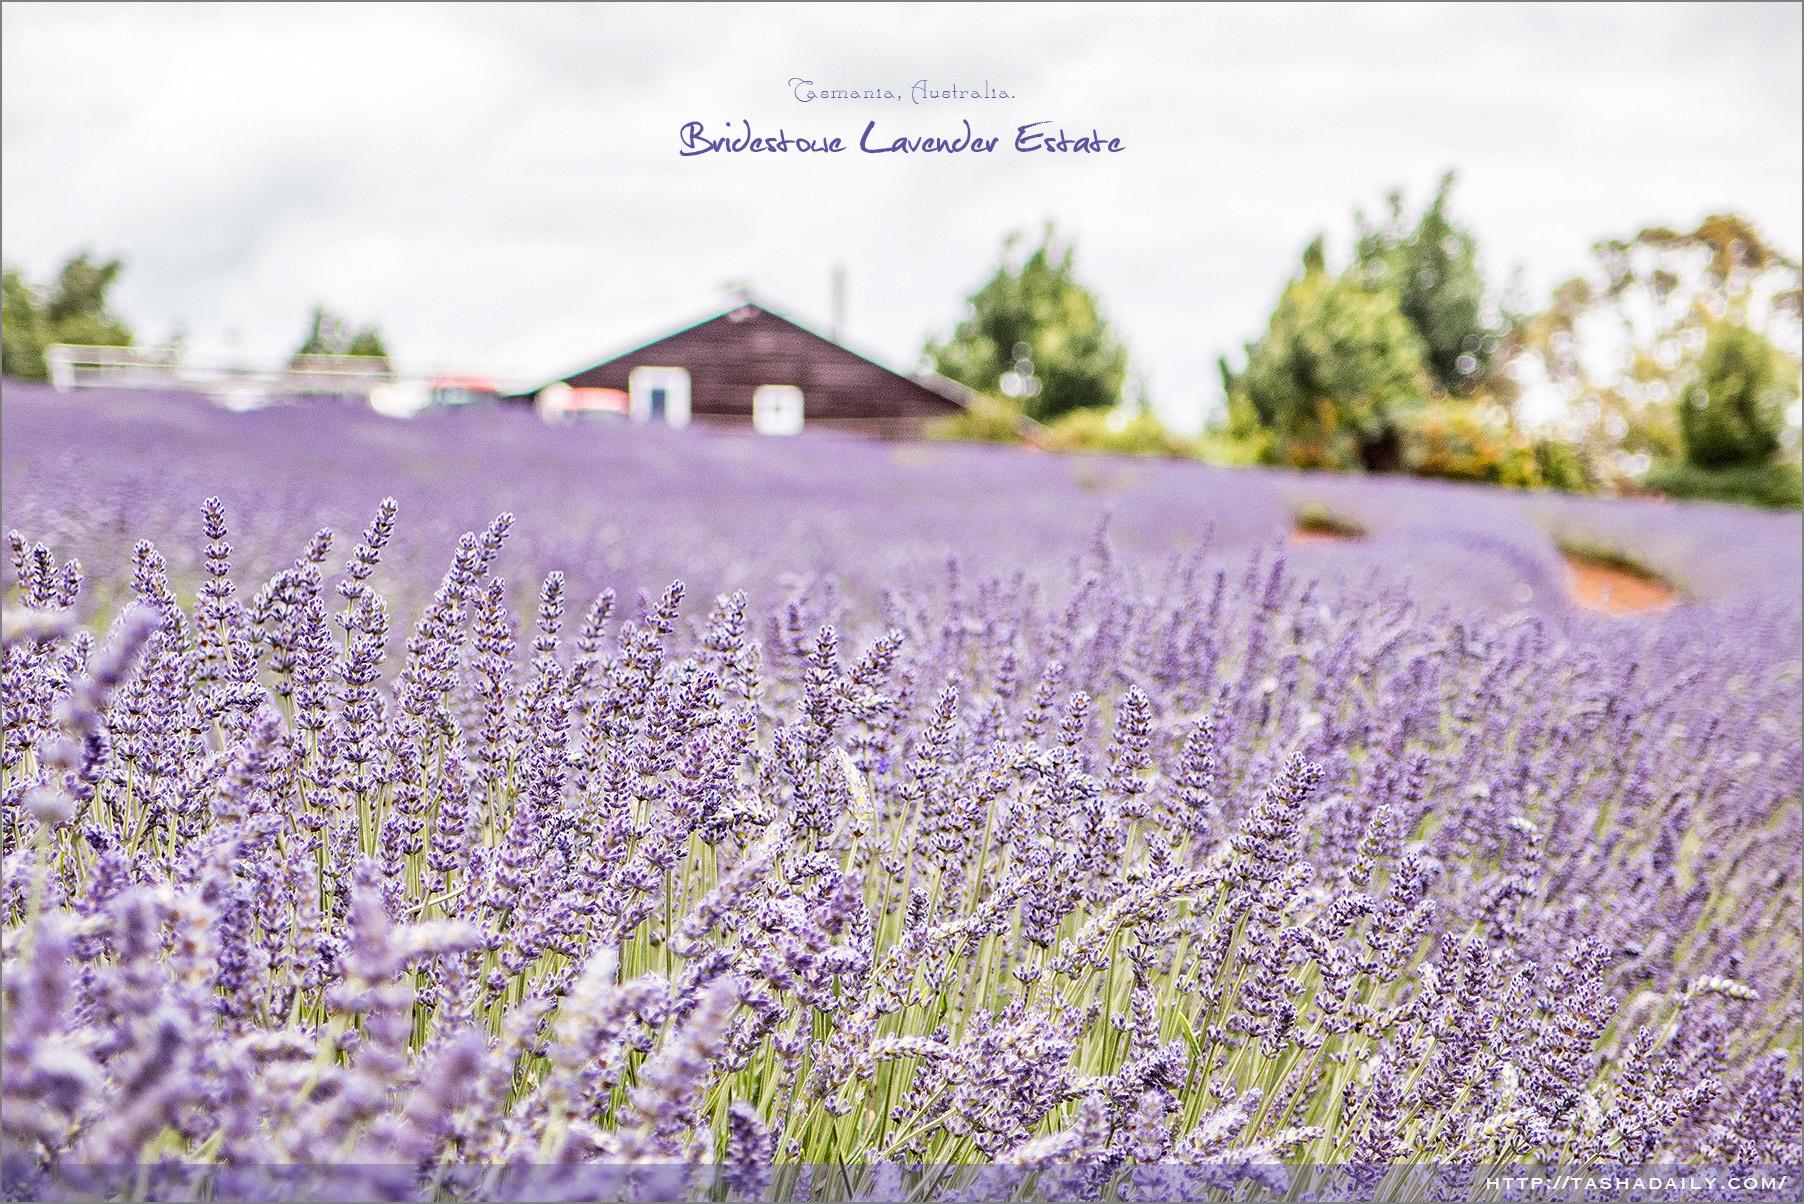 塔斯自由行︱Bridestowe Lavender Estate.南半球最大薰衣草園